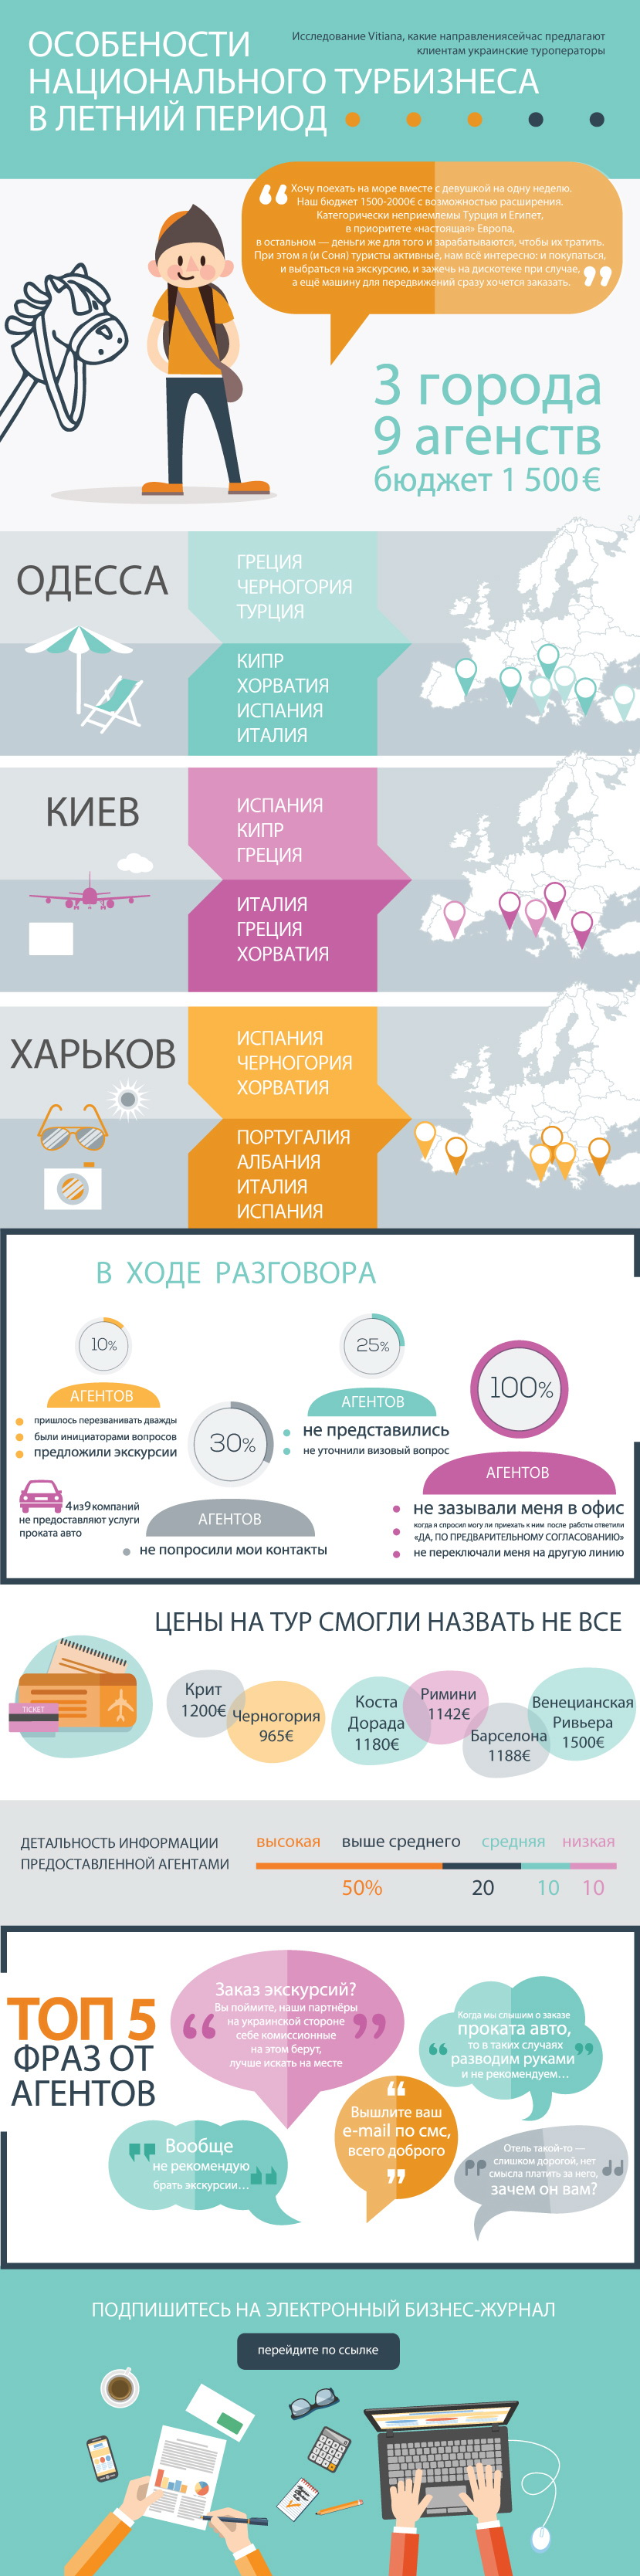 Инфографика про исследование